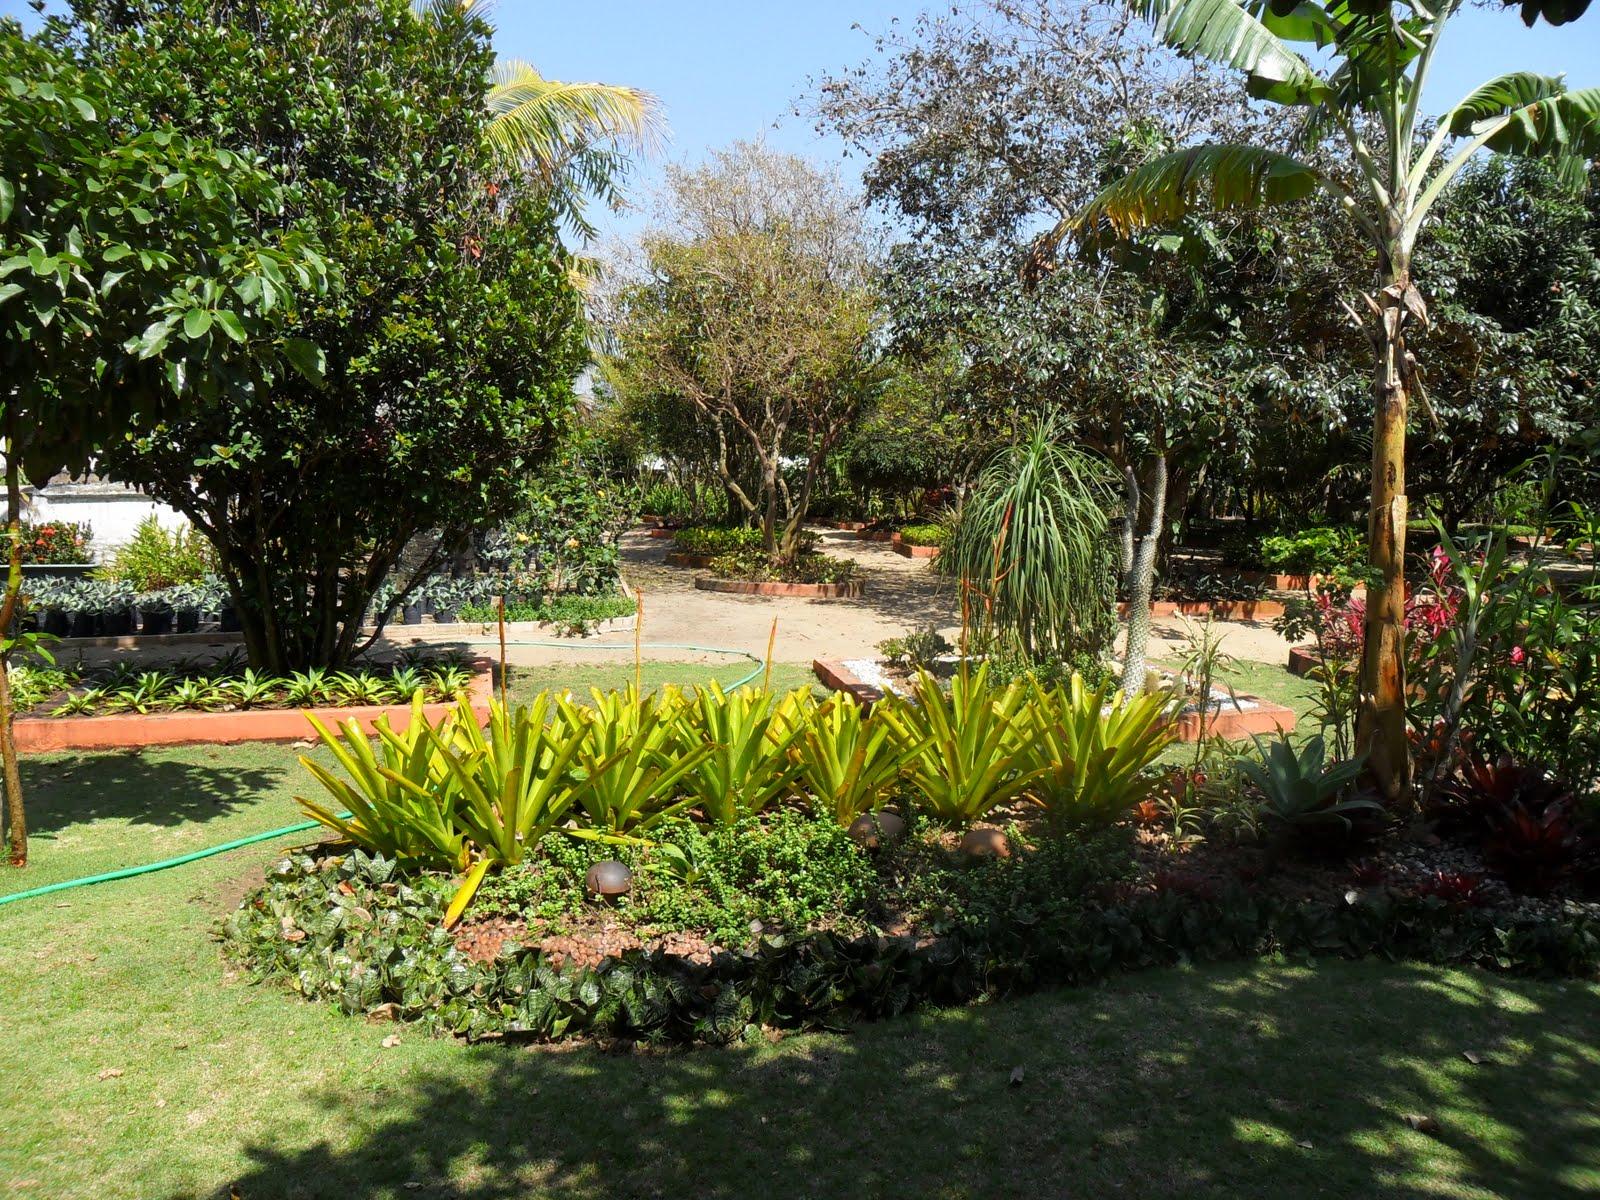 mini jardim botanico:Foto: Explosão de cores verdes ! Crédito da foto: Andre Pinto. Foto